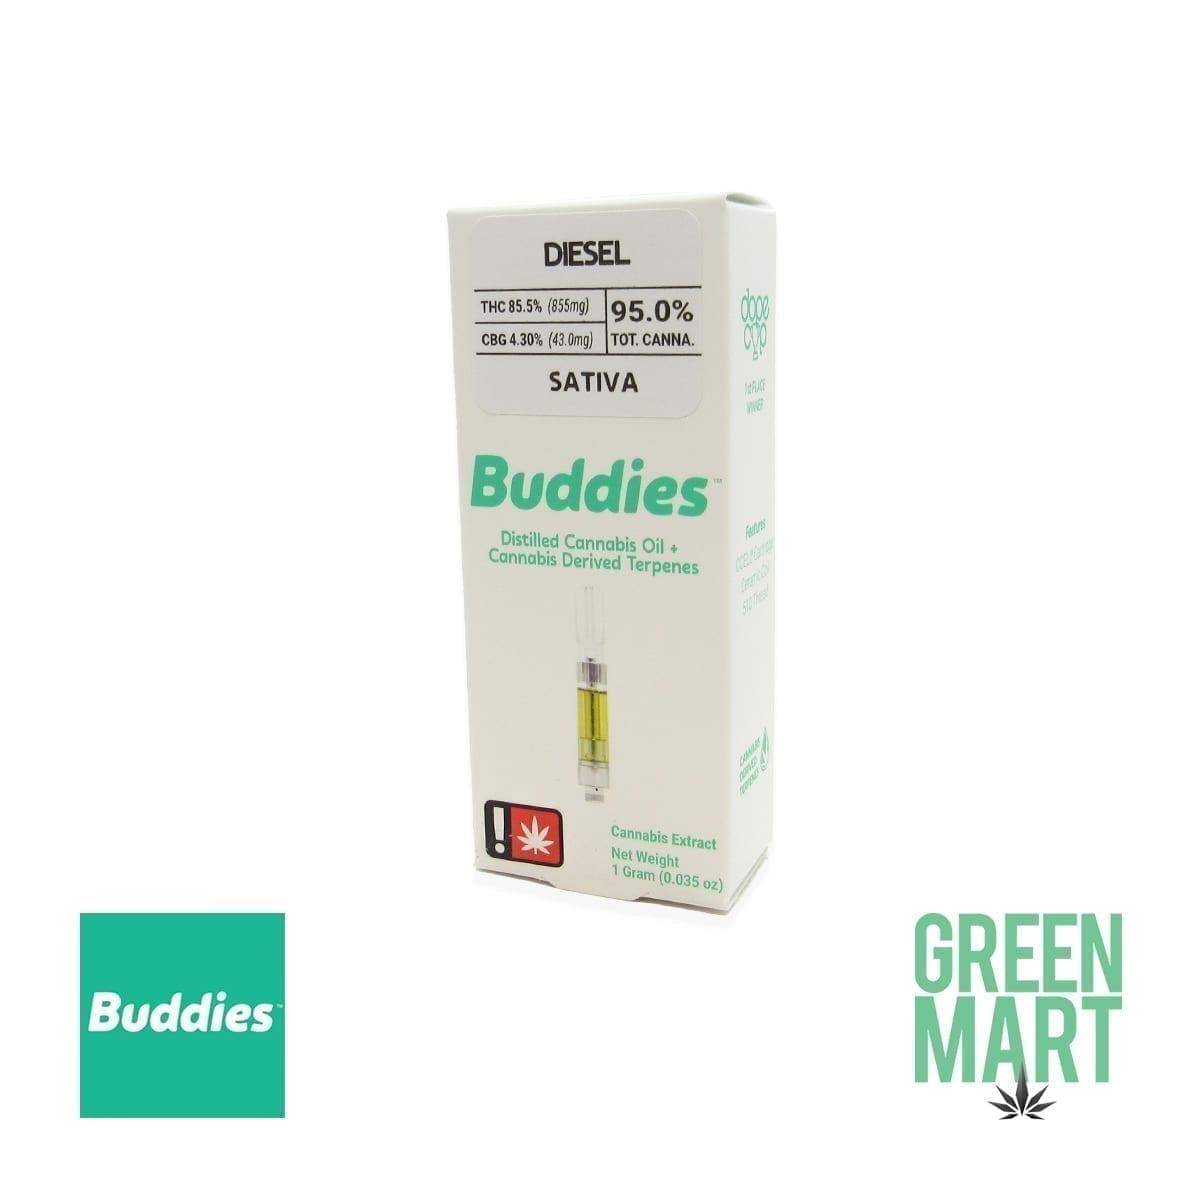 Buddies Brand Distillate Cartridge - Diesel